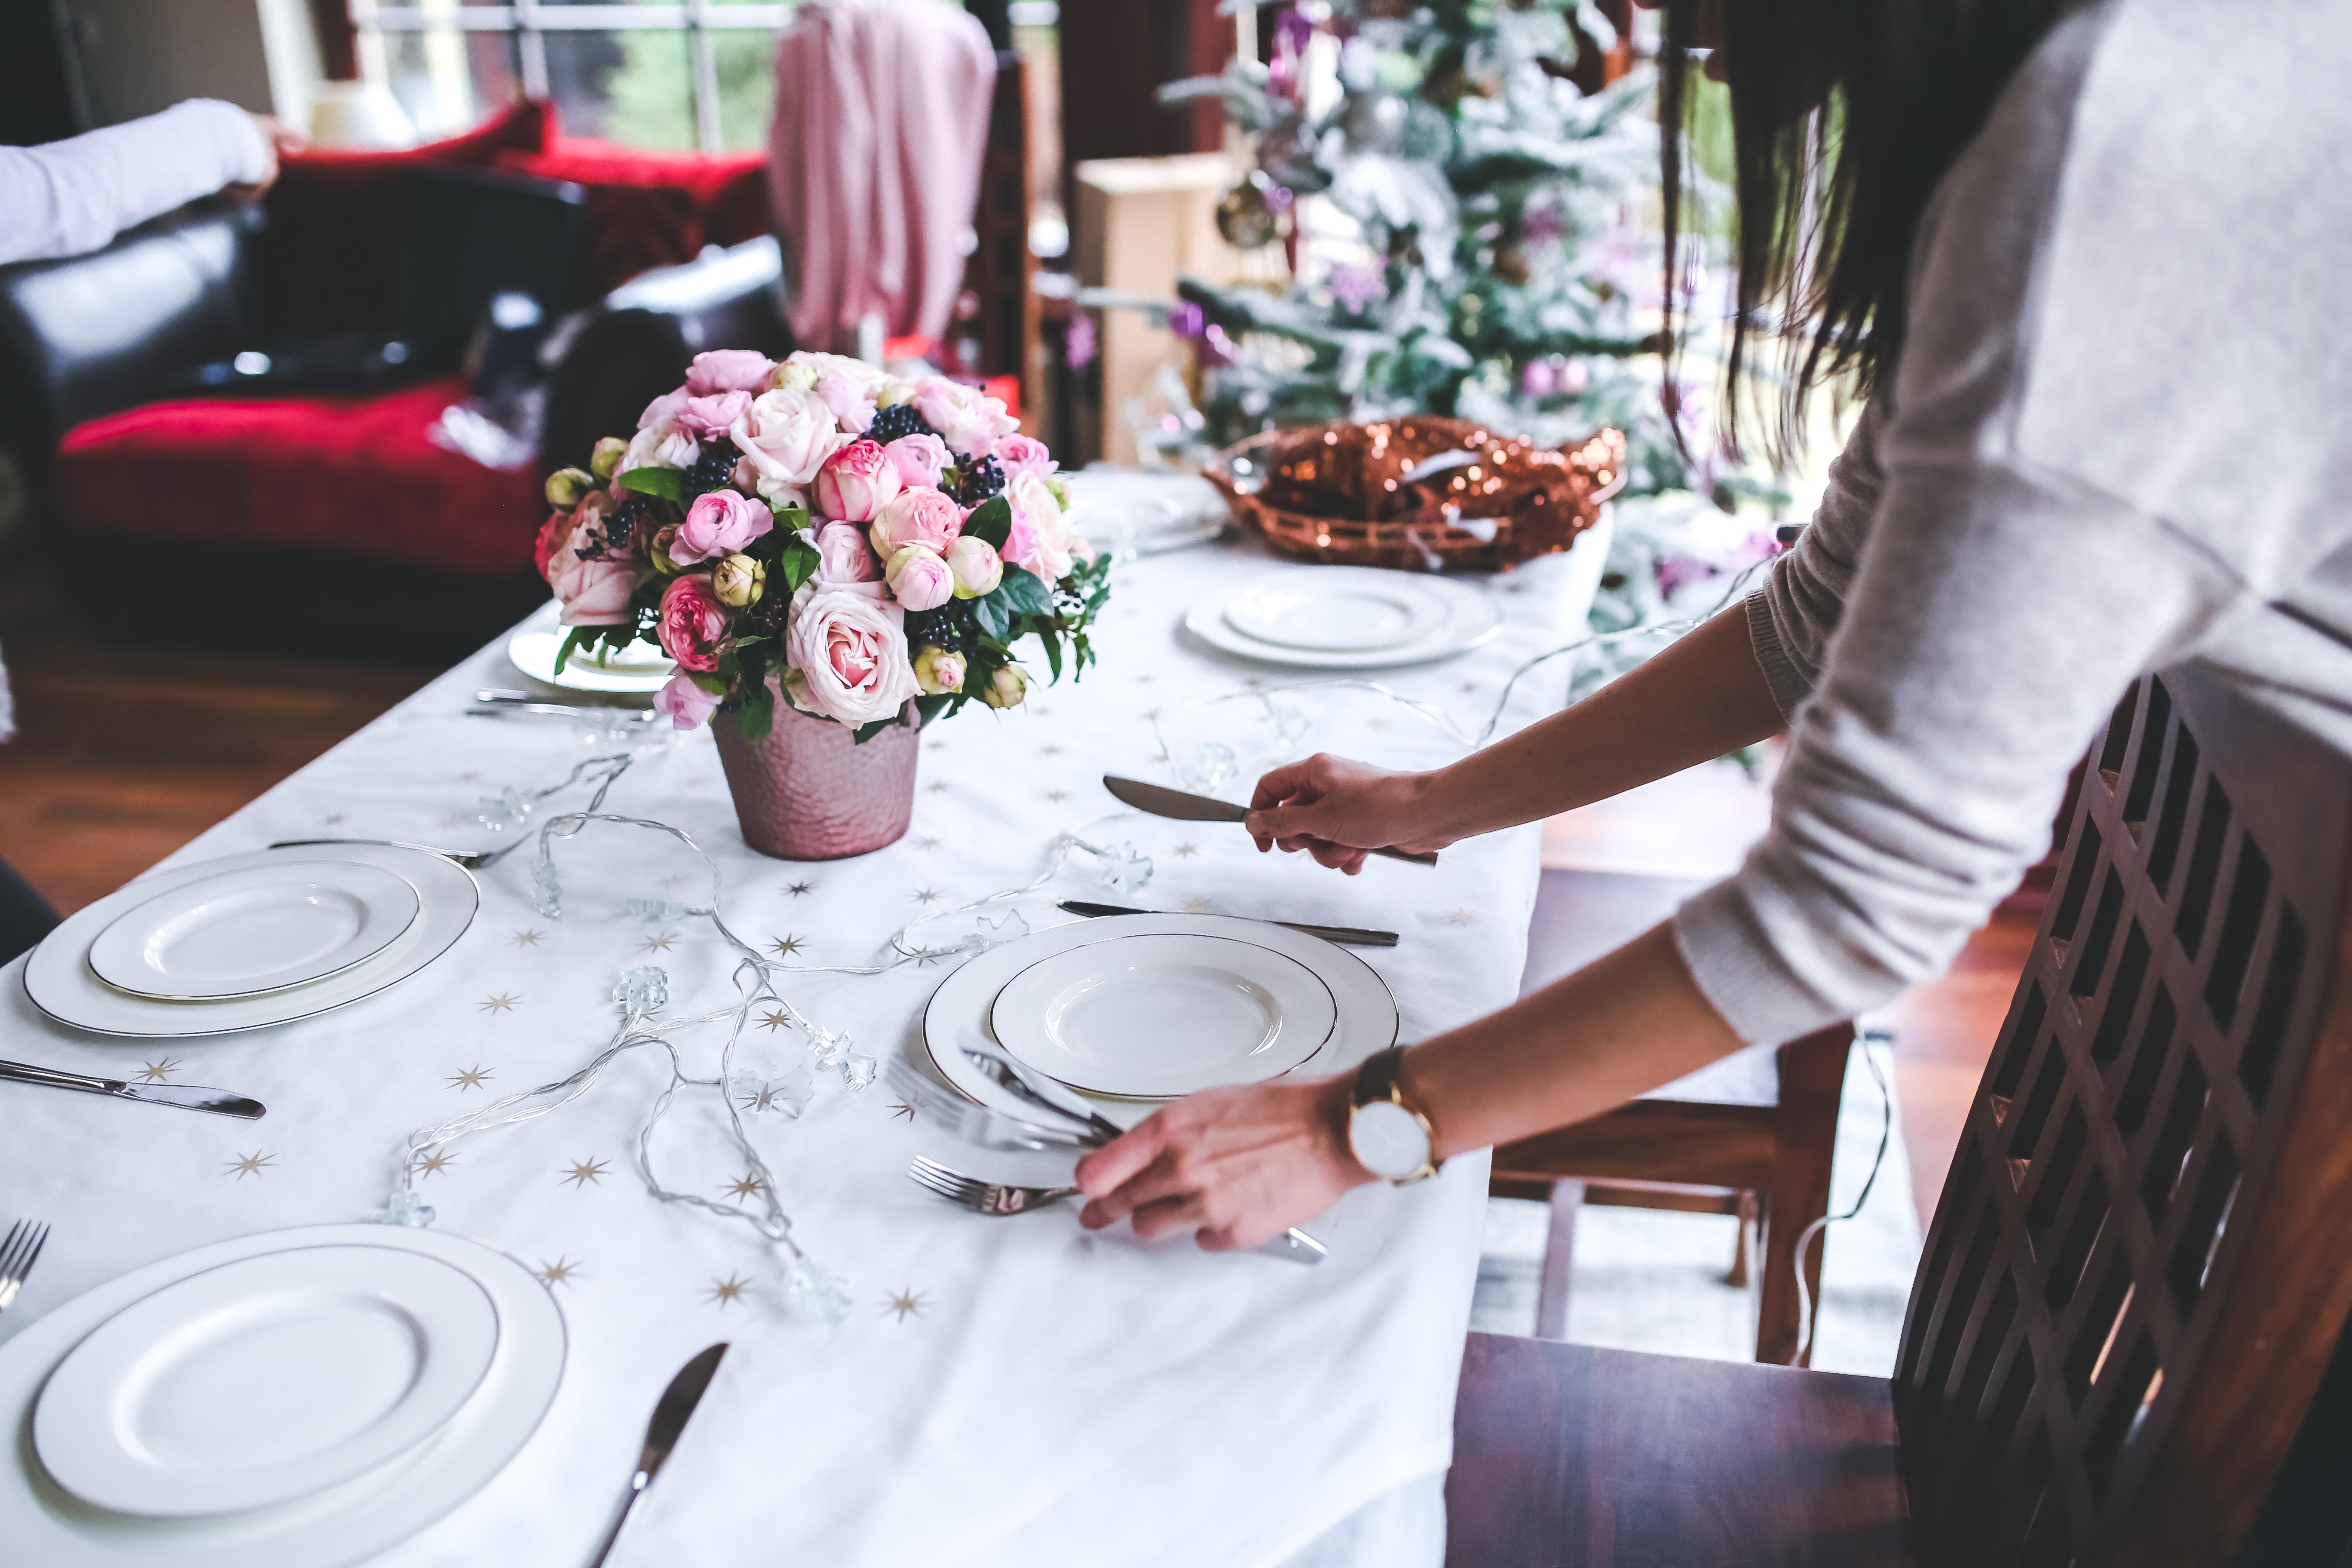 table des fêtes recevoir femme qui préparetable des fêtes recevoir femme qui prépare